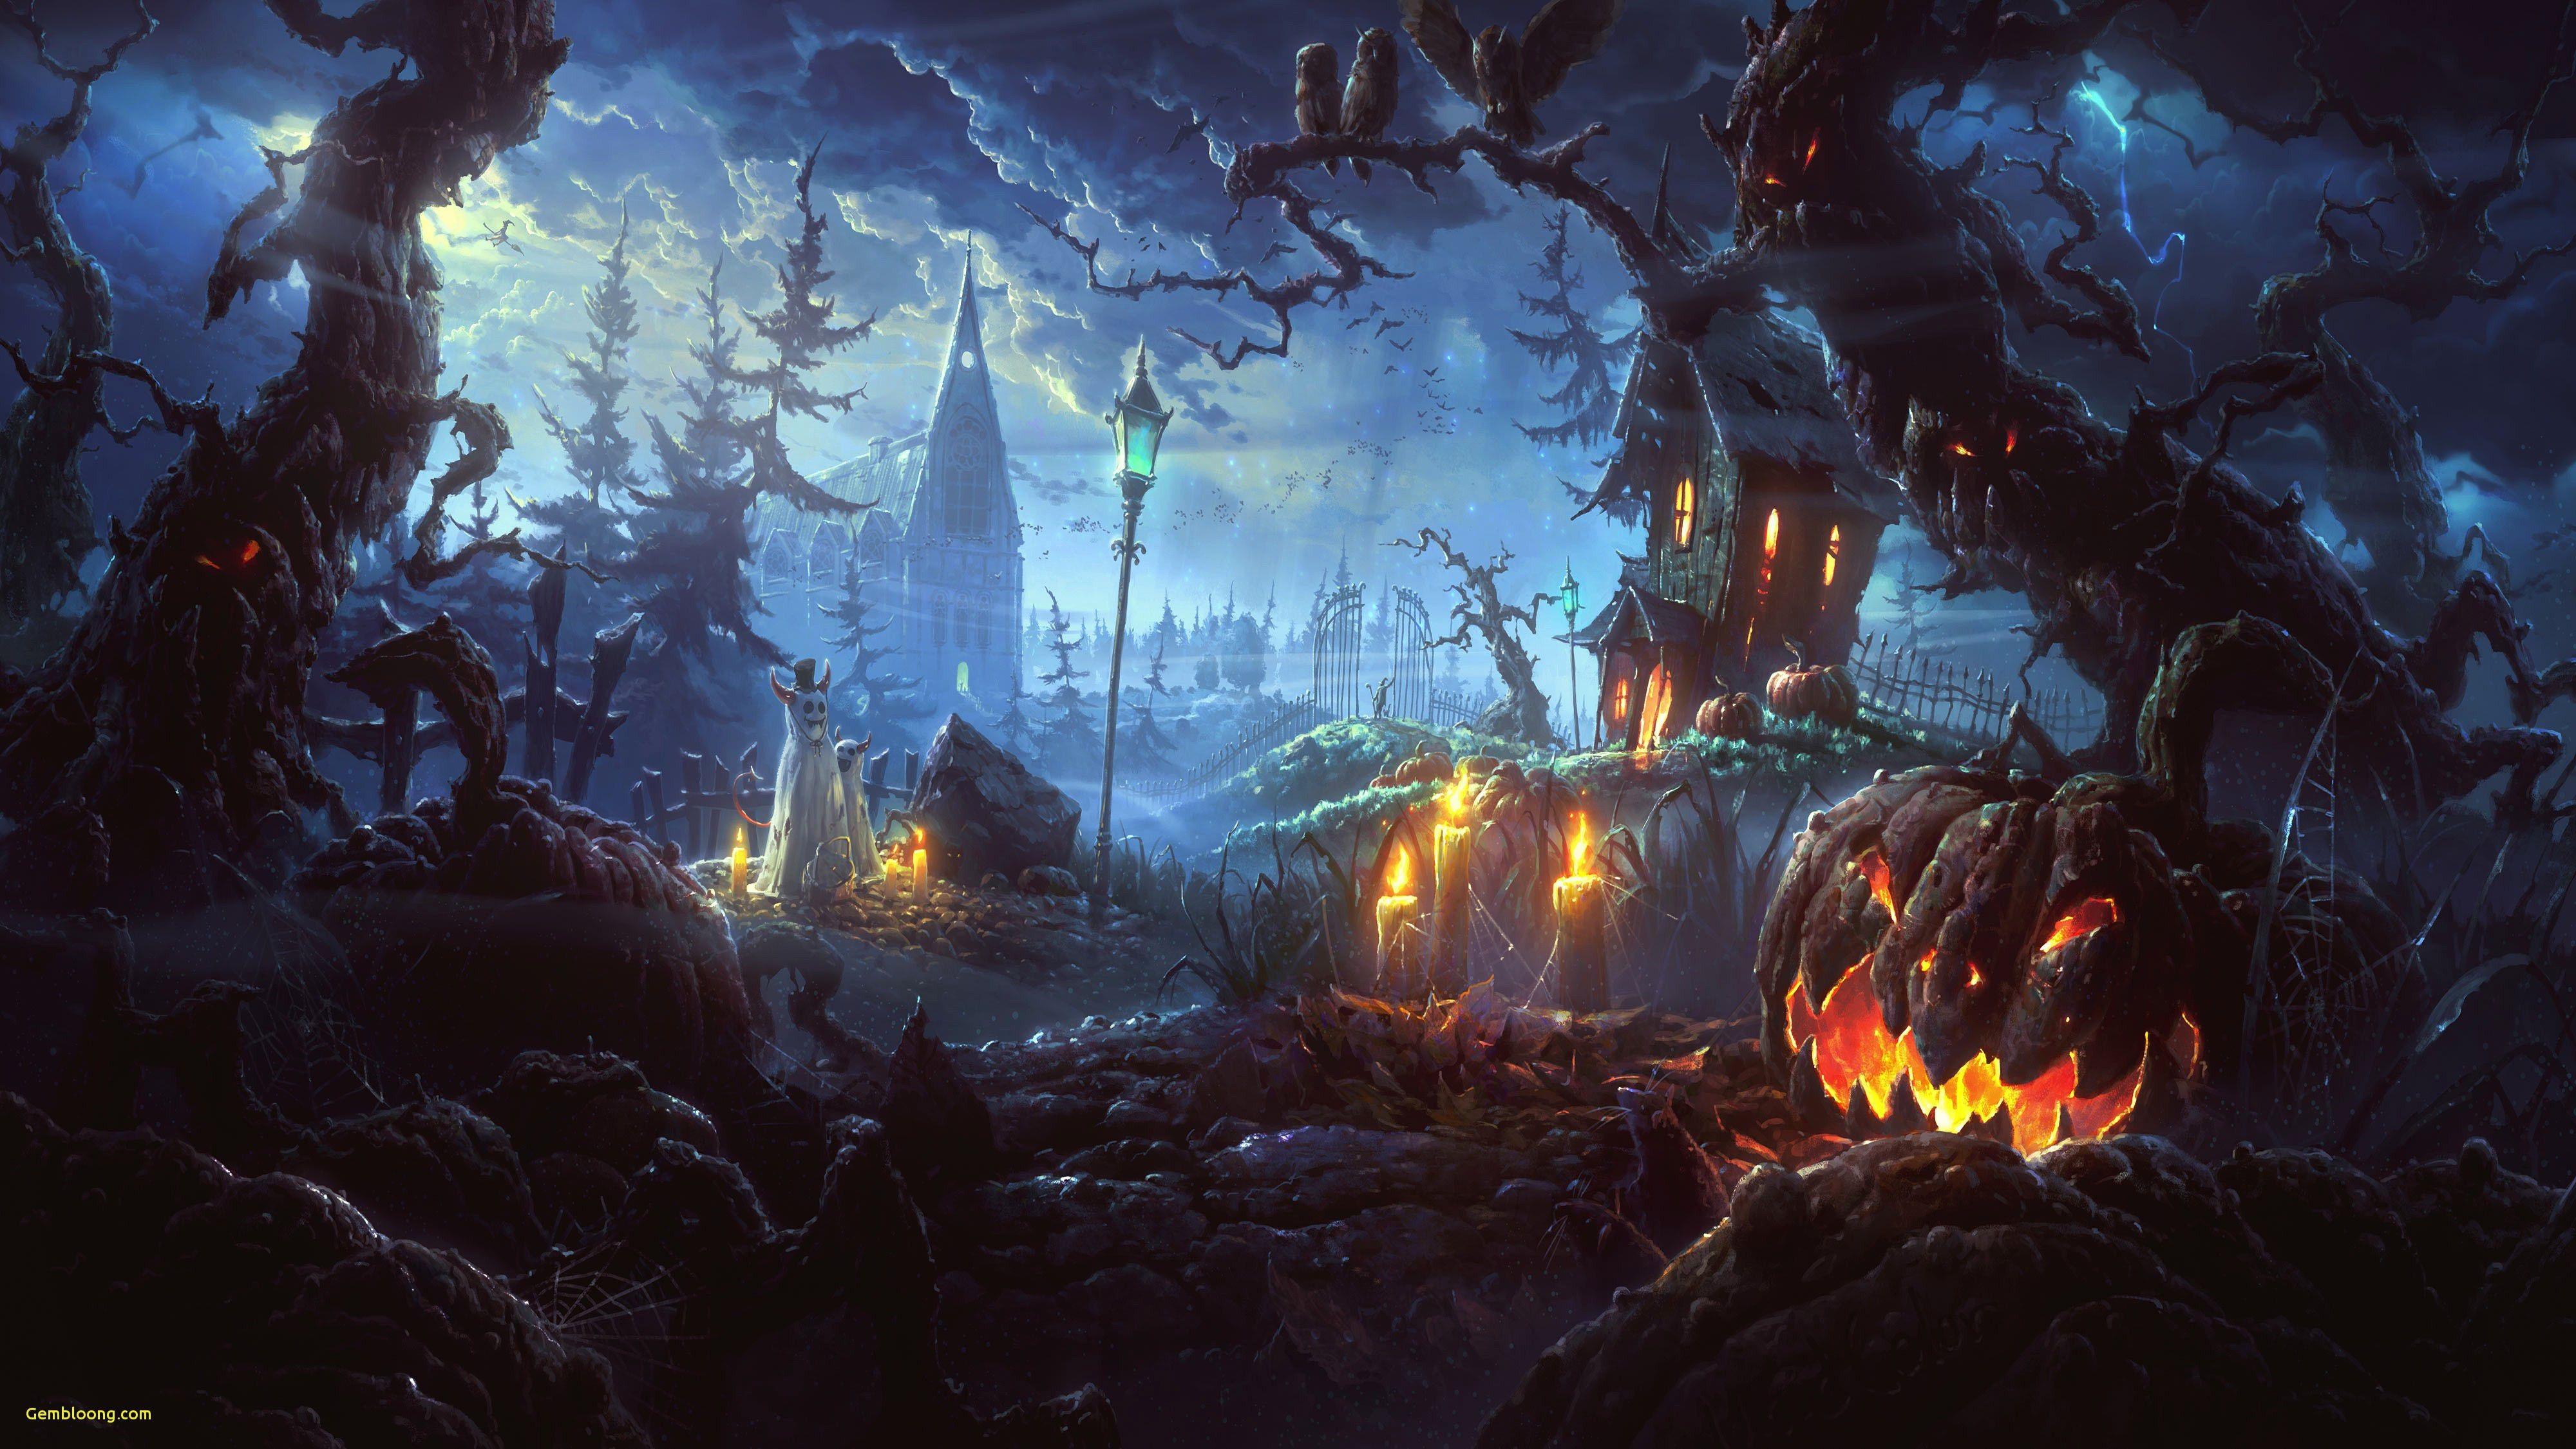 Halloween House of Fear HD Wallpaper